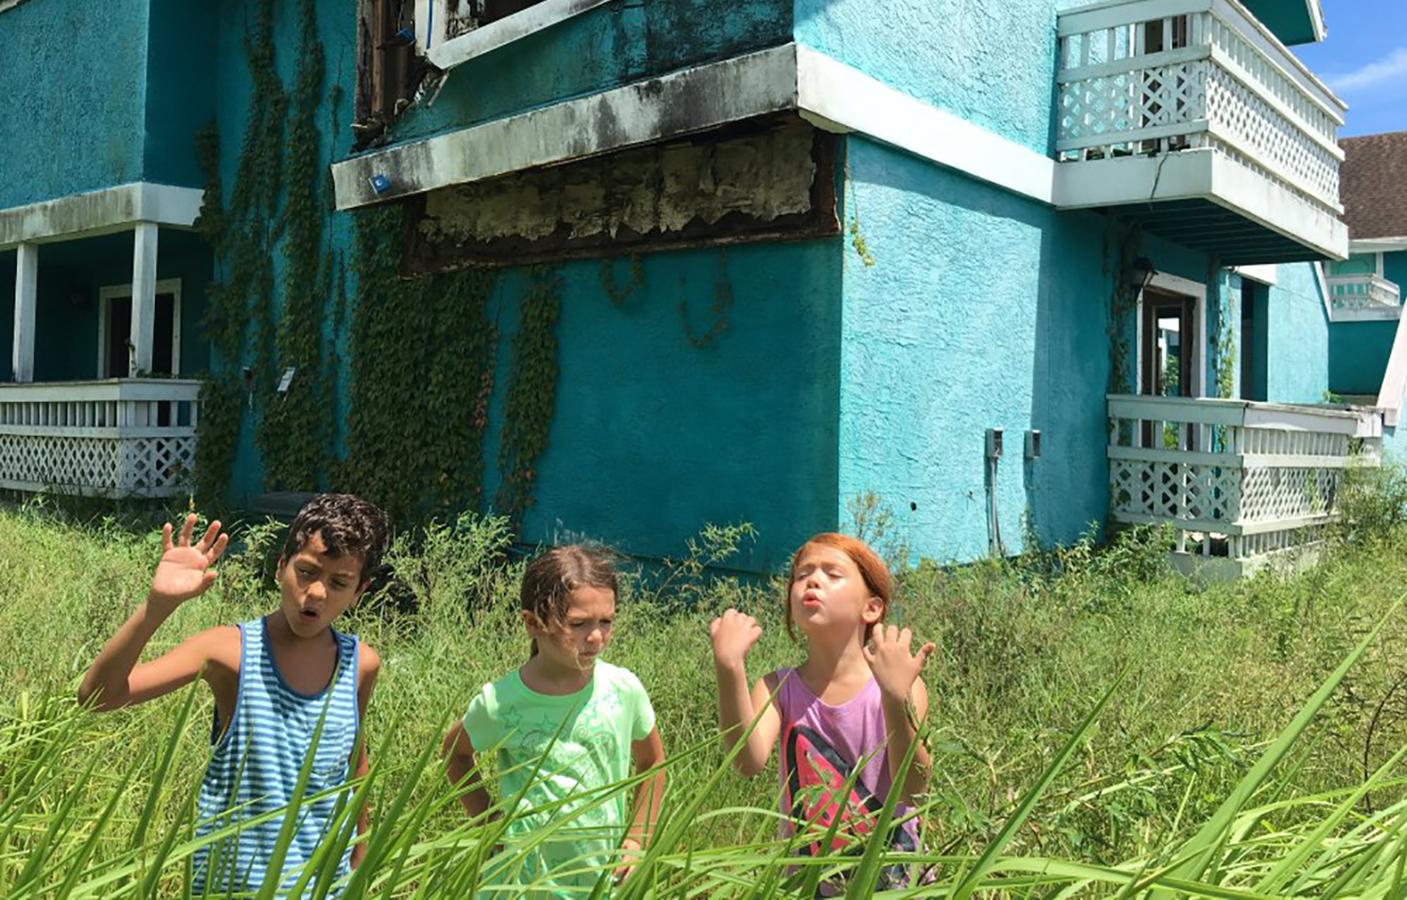 بررسی فیلم The Florida Project: دنیایی جادویی و جذاب در یک متل قدیمی